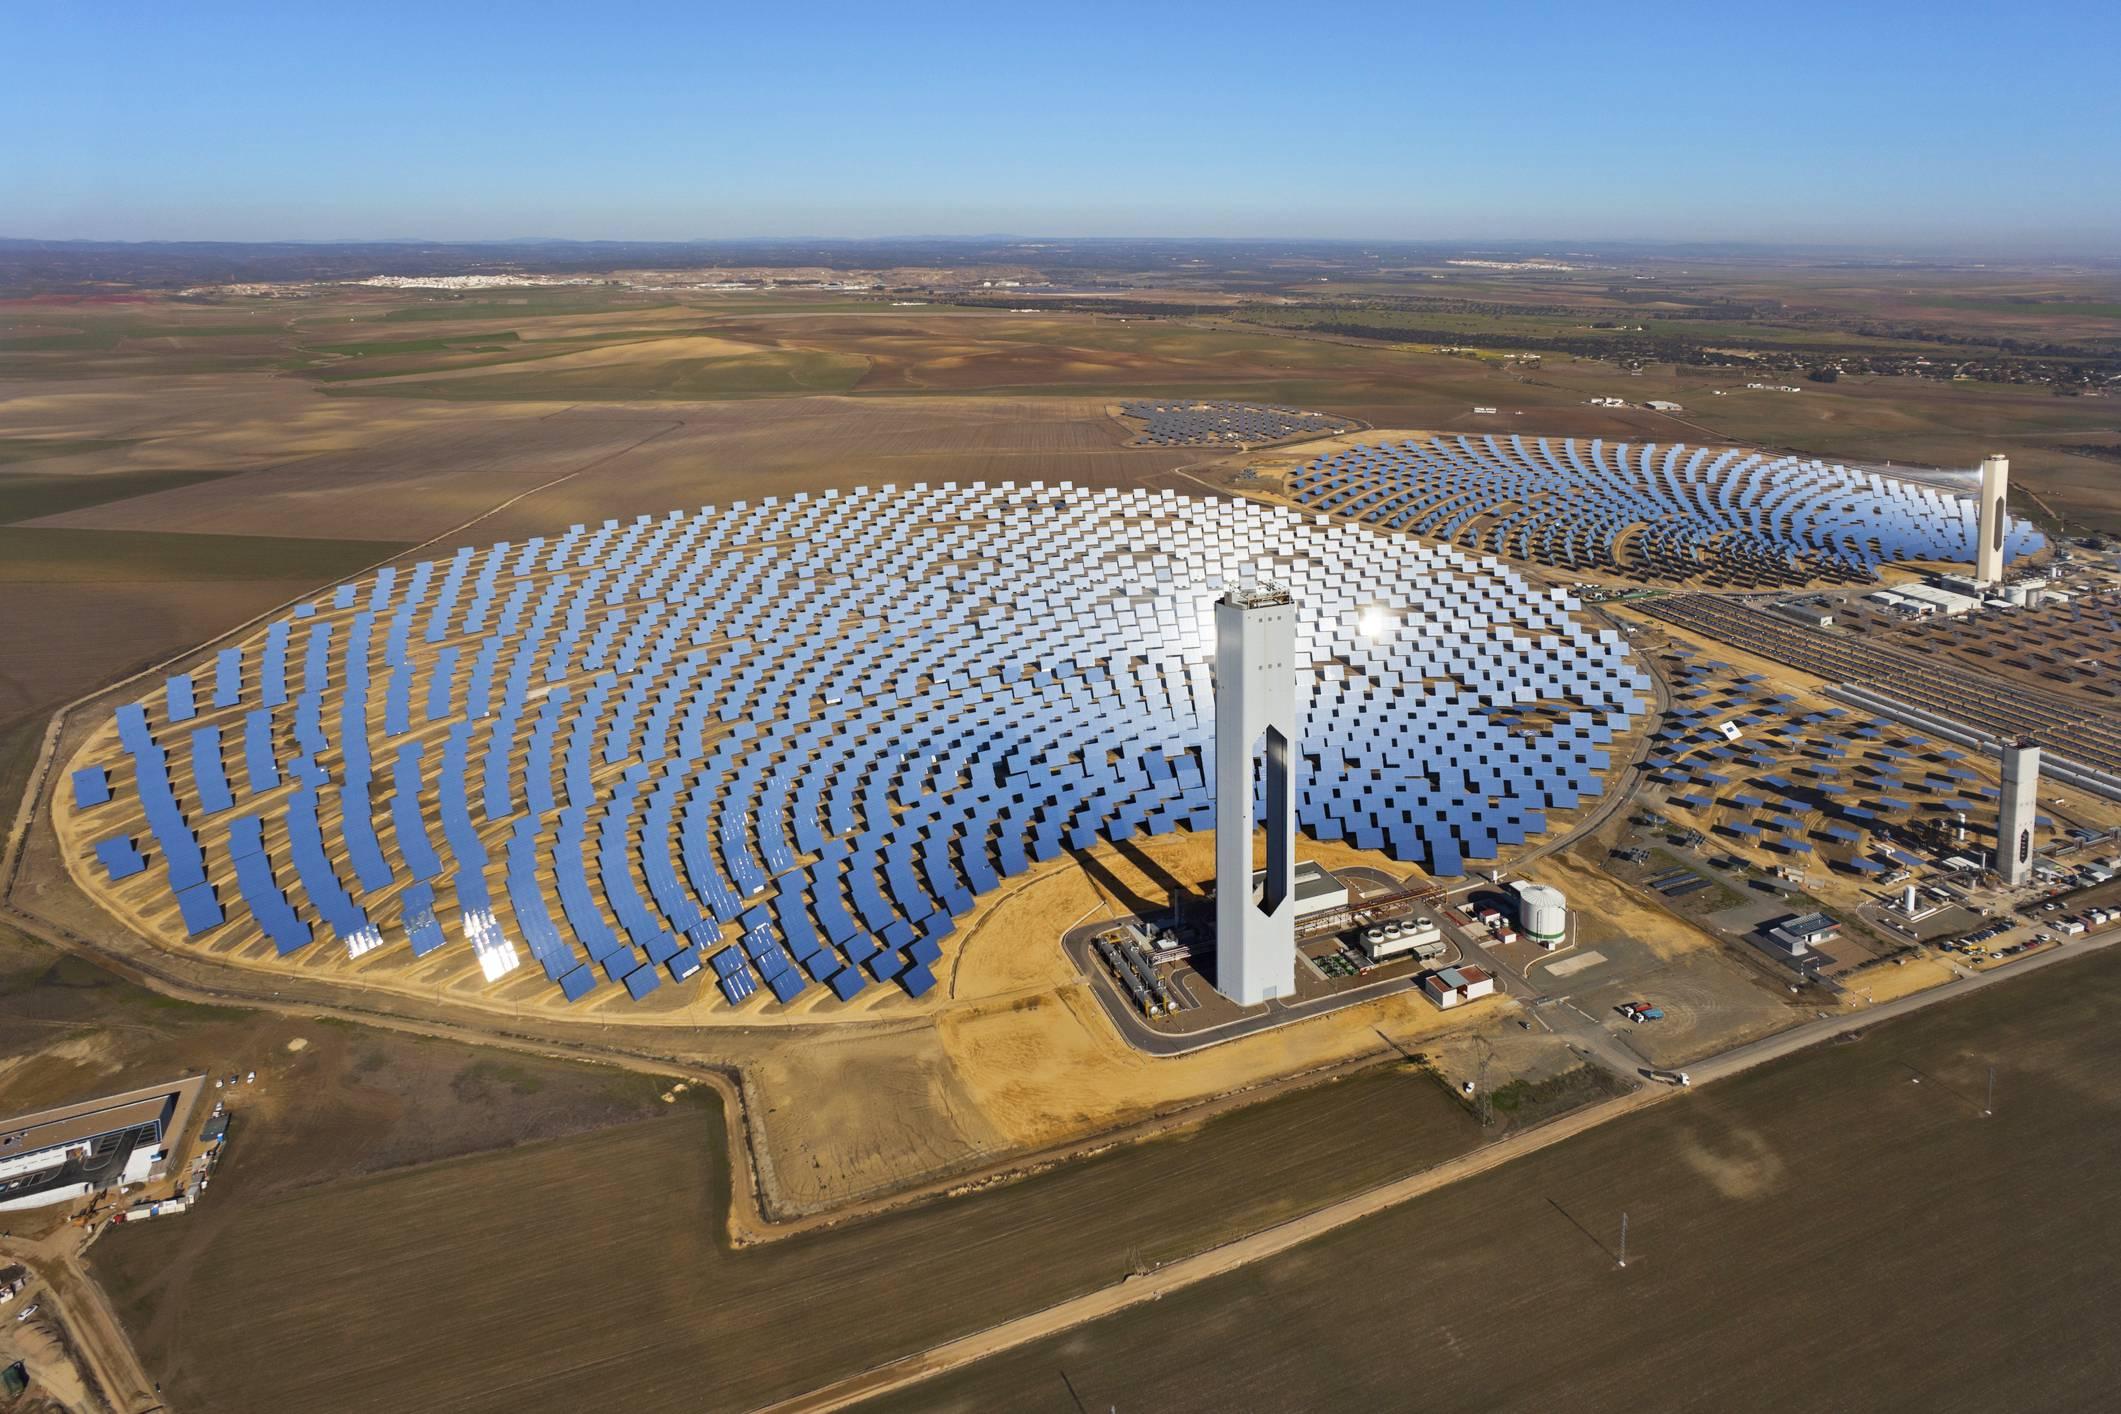 """Résultat de recherche d'images pour """"saudi arabia solar power photo"""""""